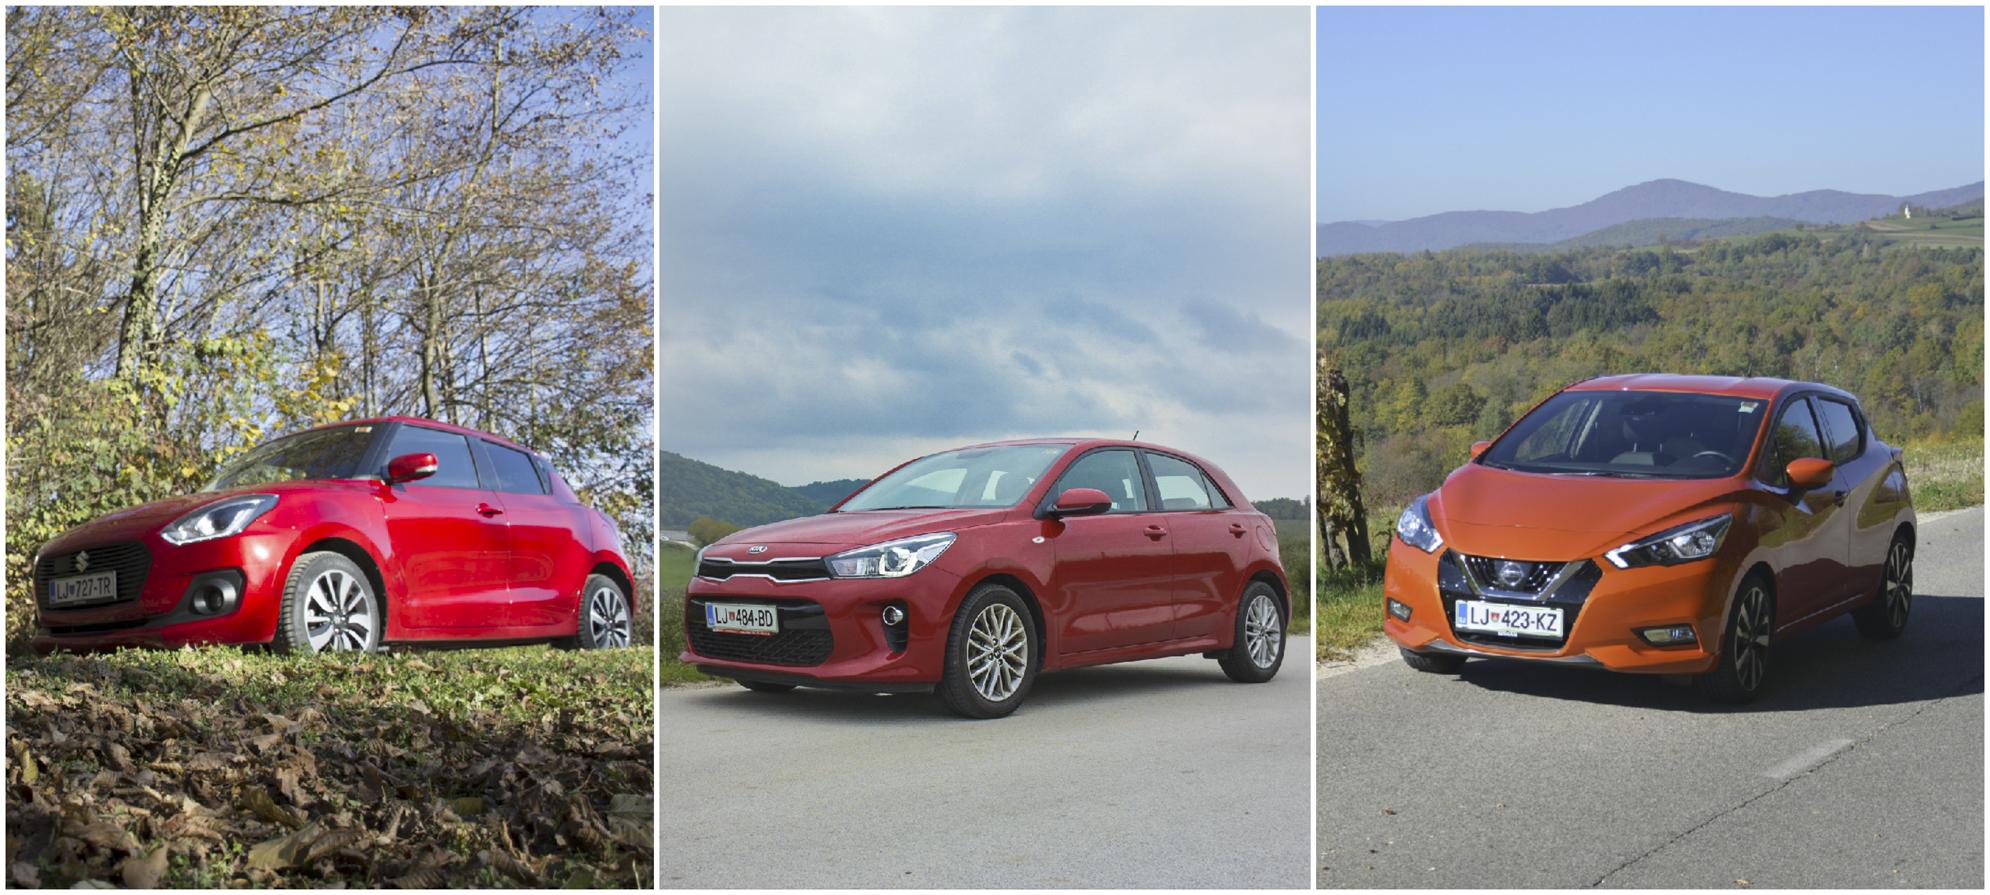 Multitest: Suzuki Swift, Kia Rio in Nissan Micra (iščemo azijskega prvaka)